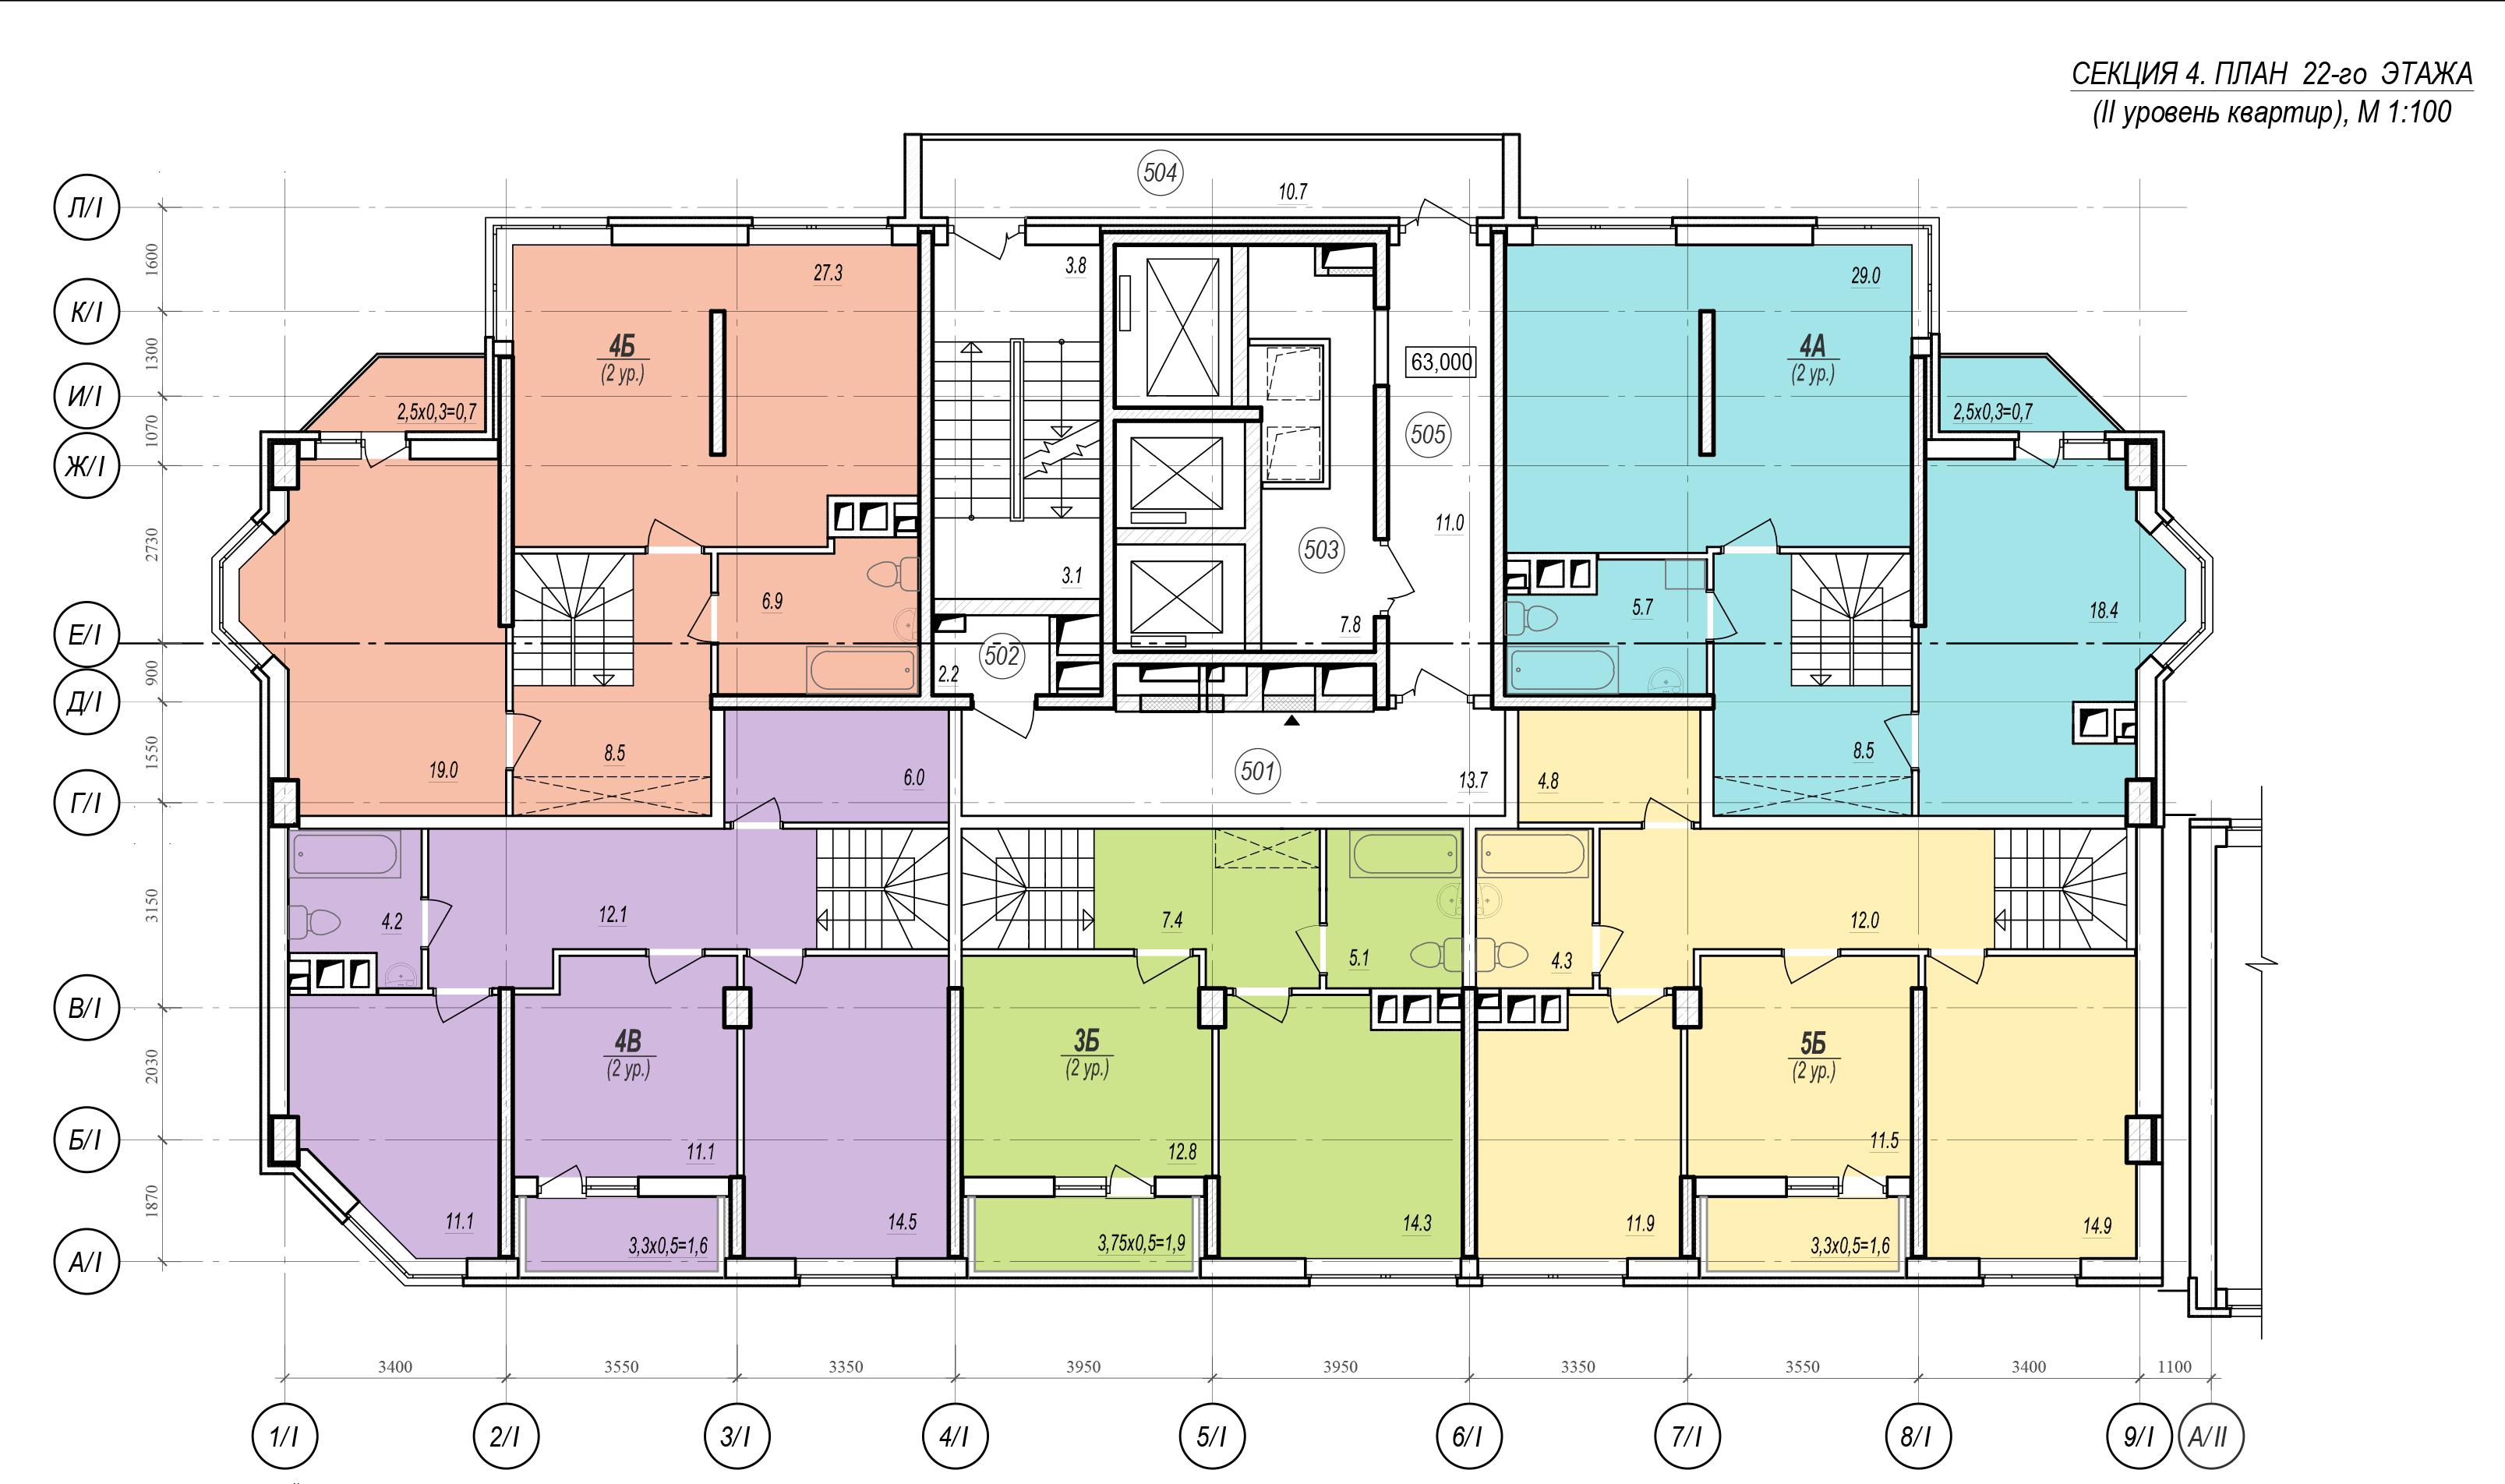 Планировки ЖК Балковский - Стикон. Секция 4, этаж 22-2